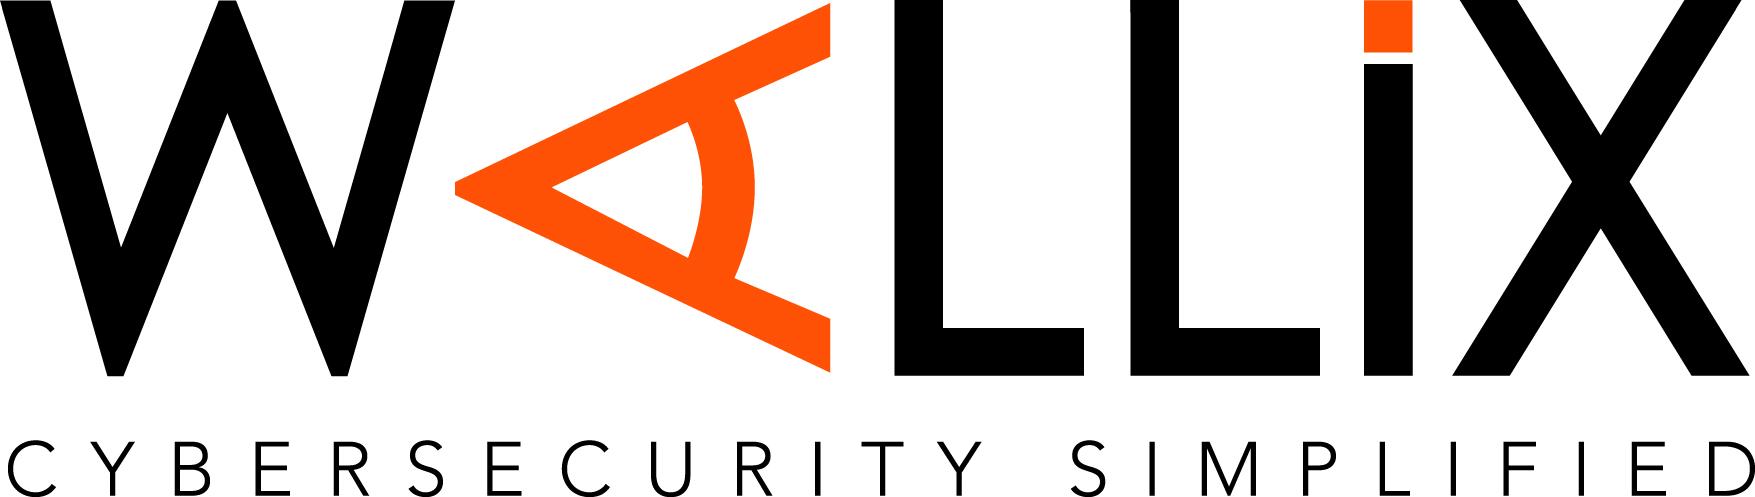 Logotype wallix 2020 black orange